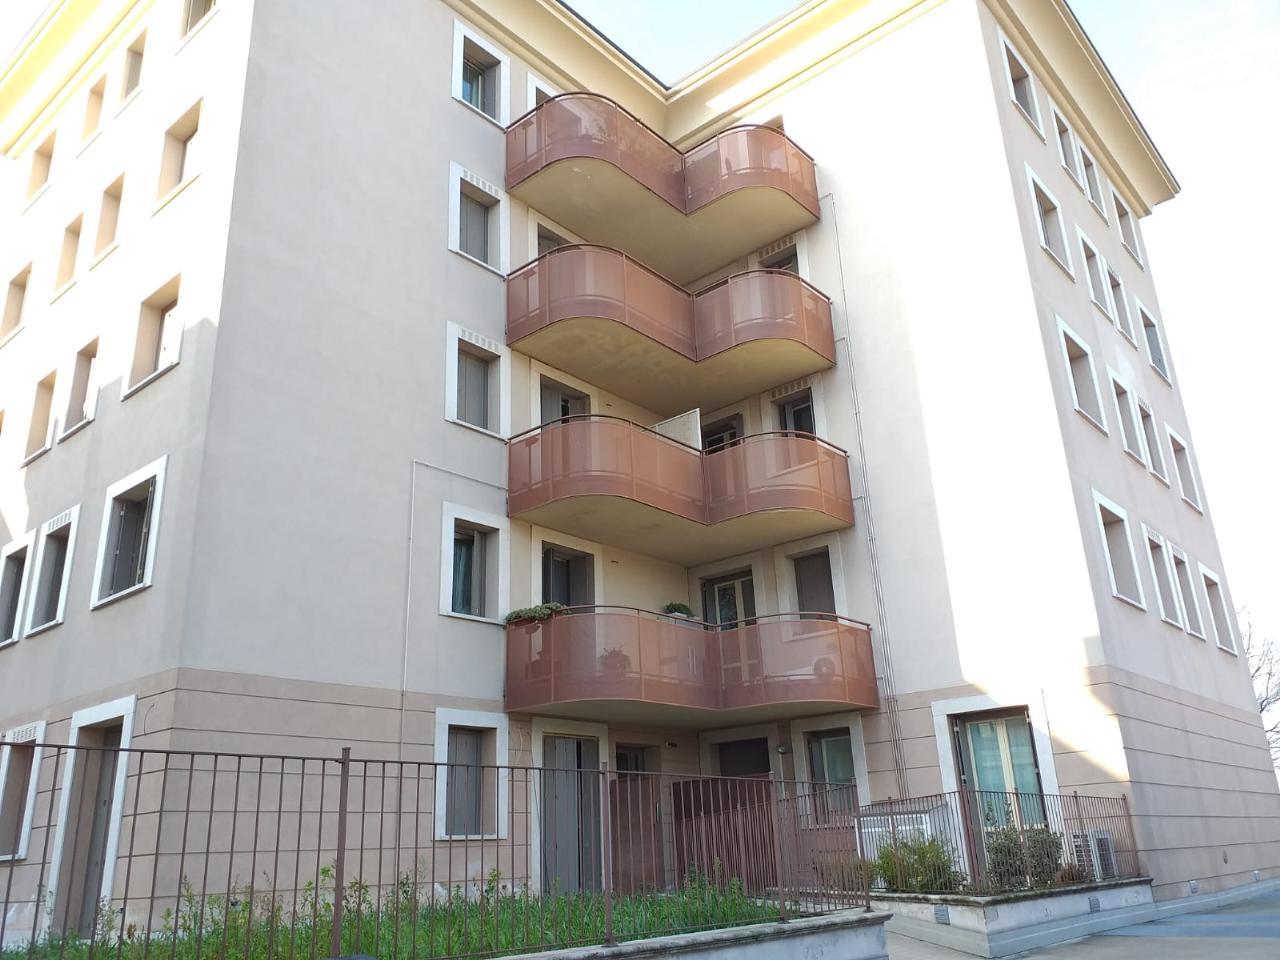 Appartamento CREMONA Euro 74.500,00